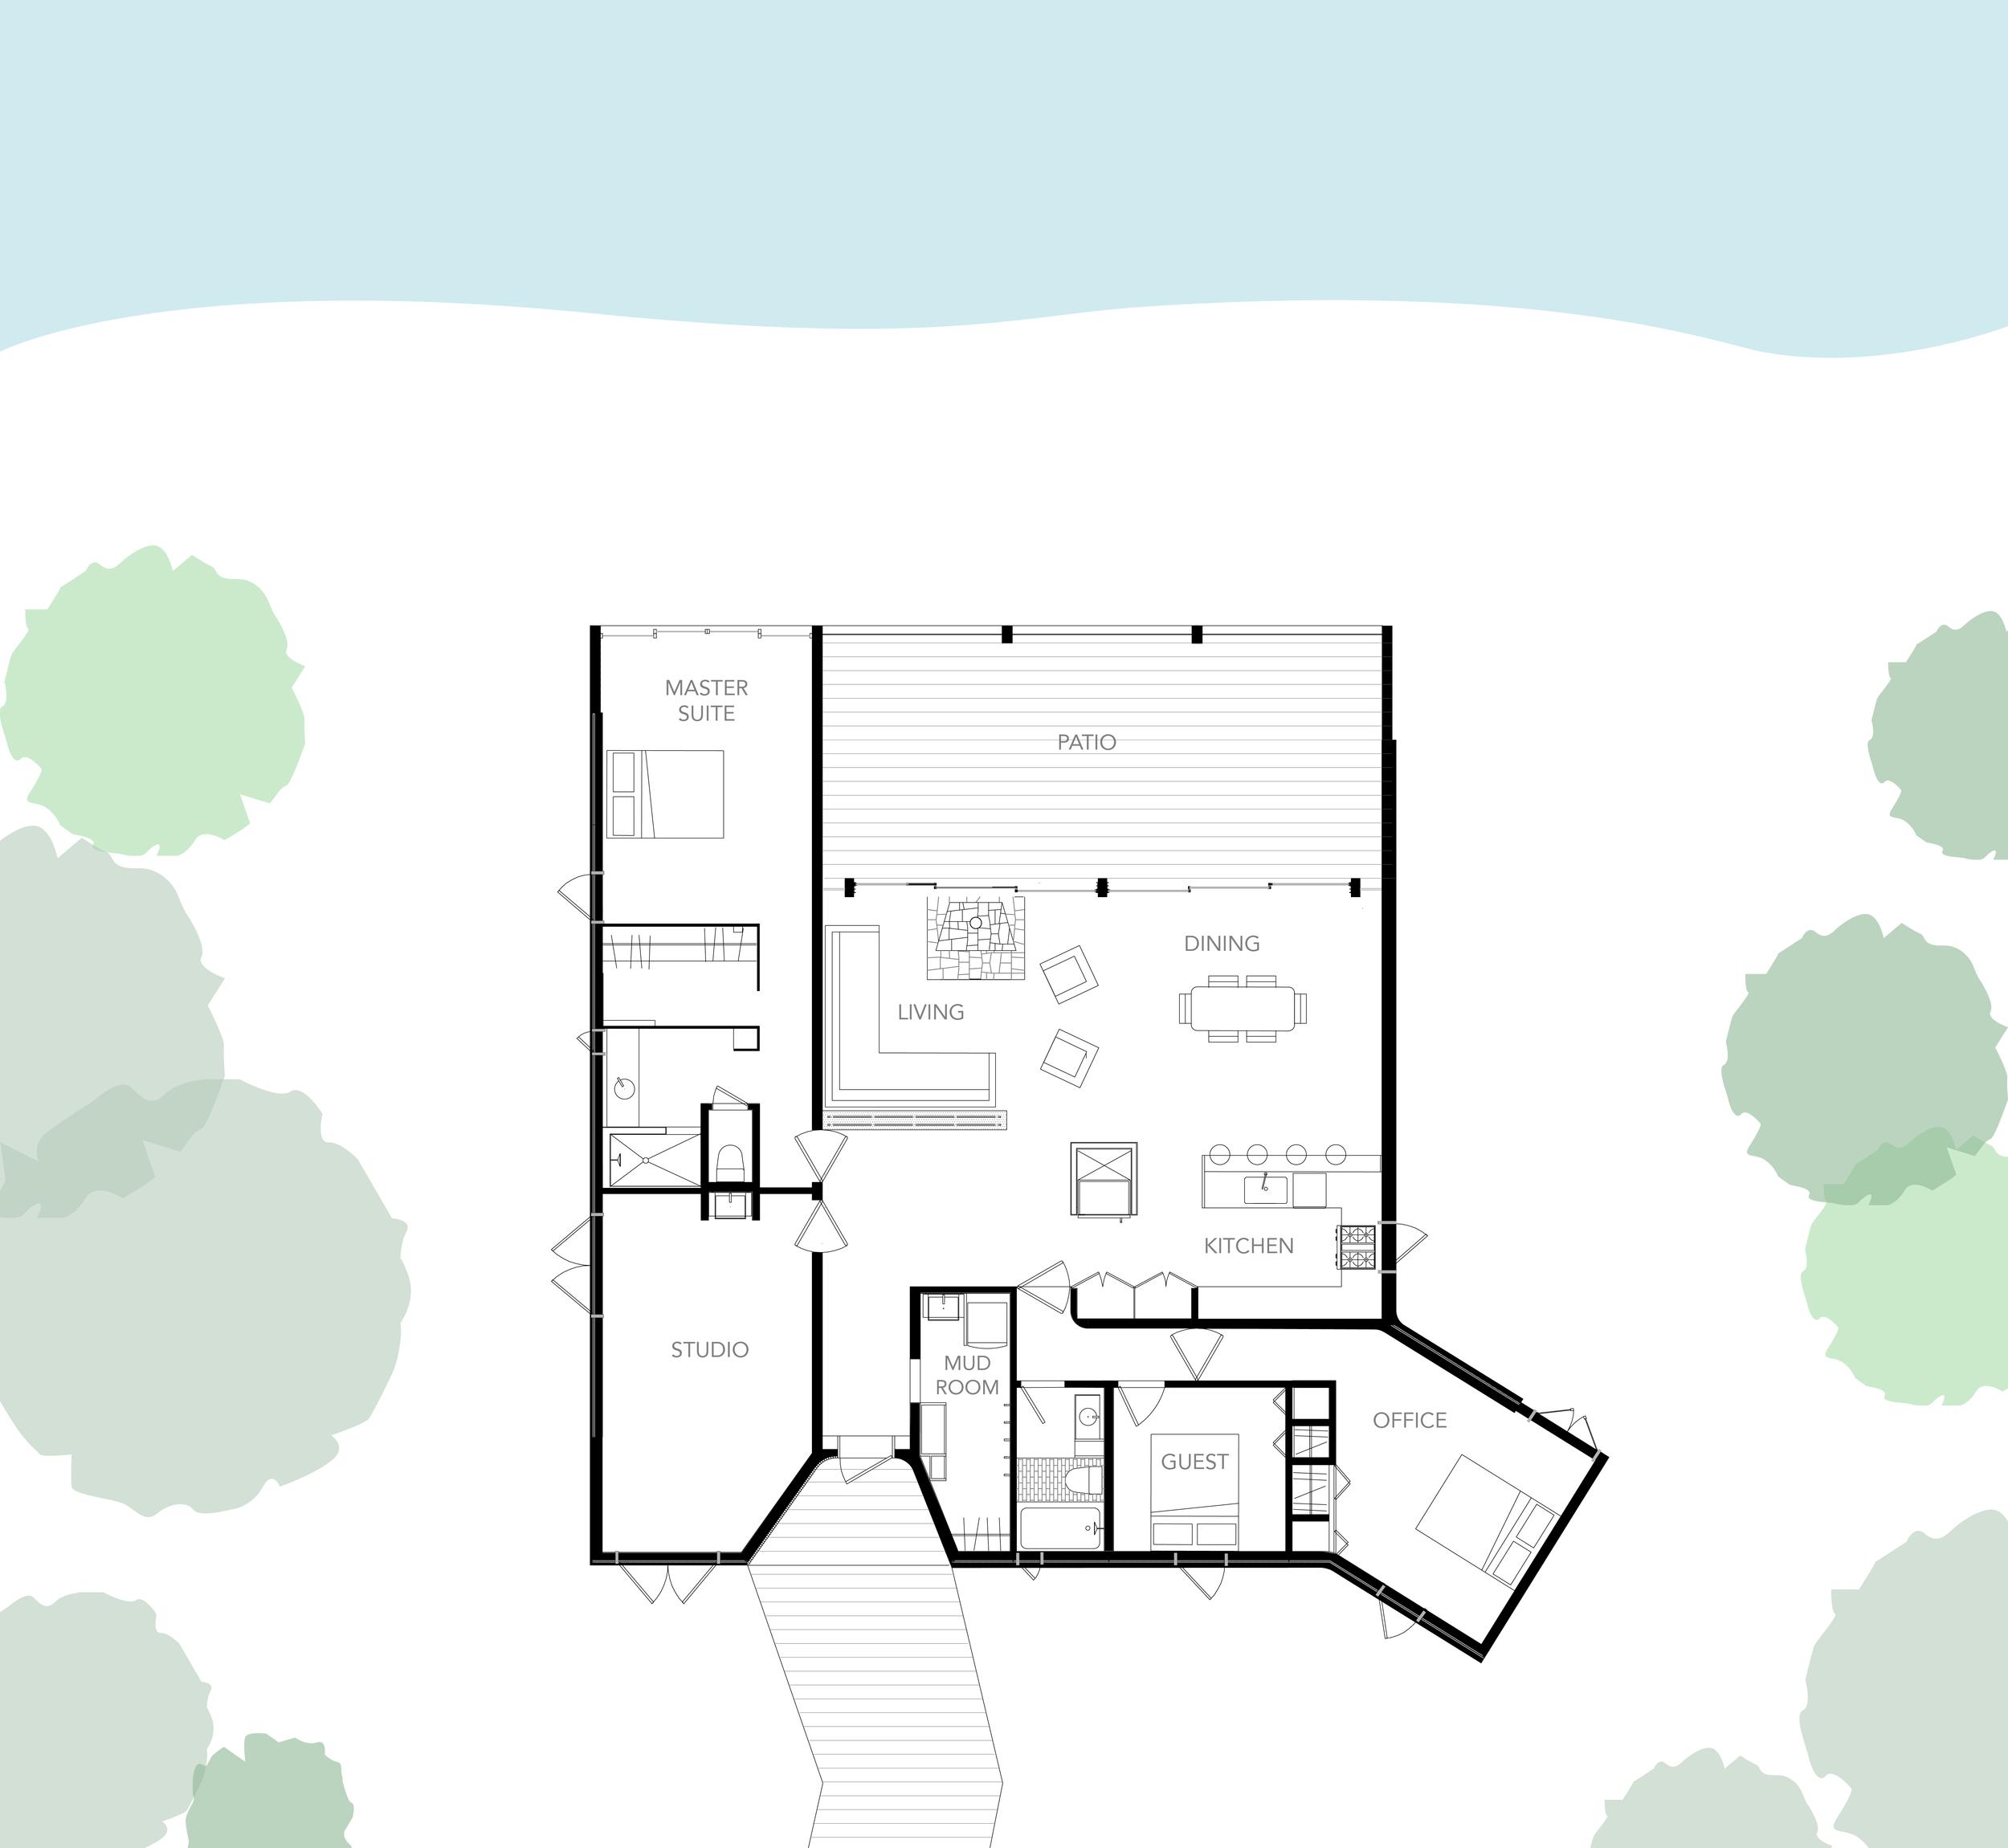 Floorplan Thumb-01.jpg